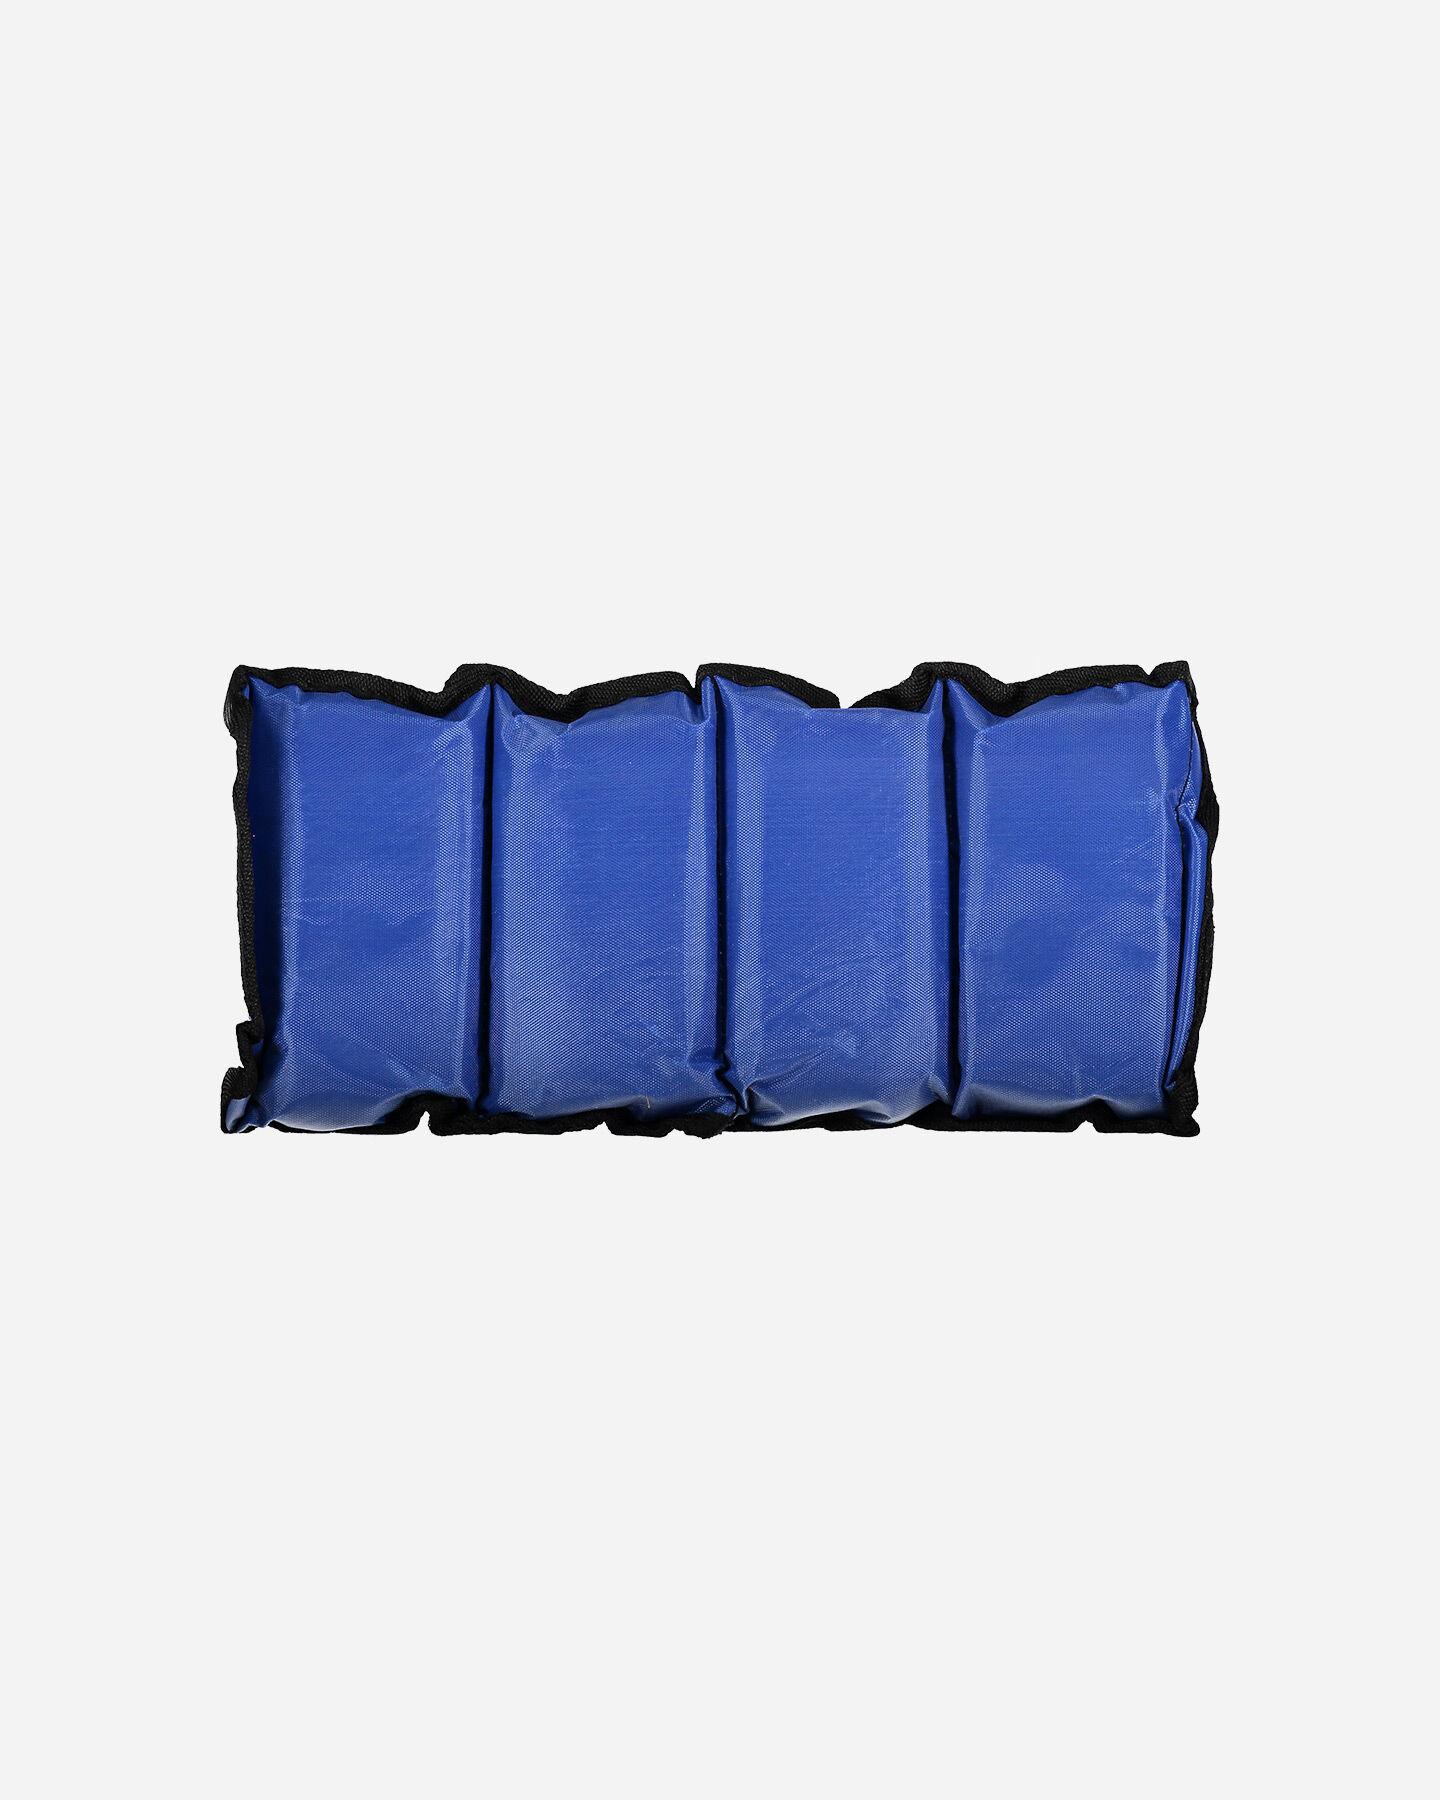 Accessorio pesistica CARNIELLI CAVIGLIERE 1,5 KG S1328745 1 UNI scatto 2